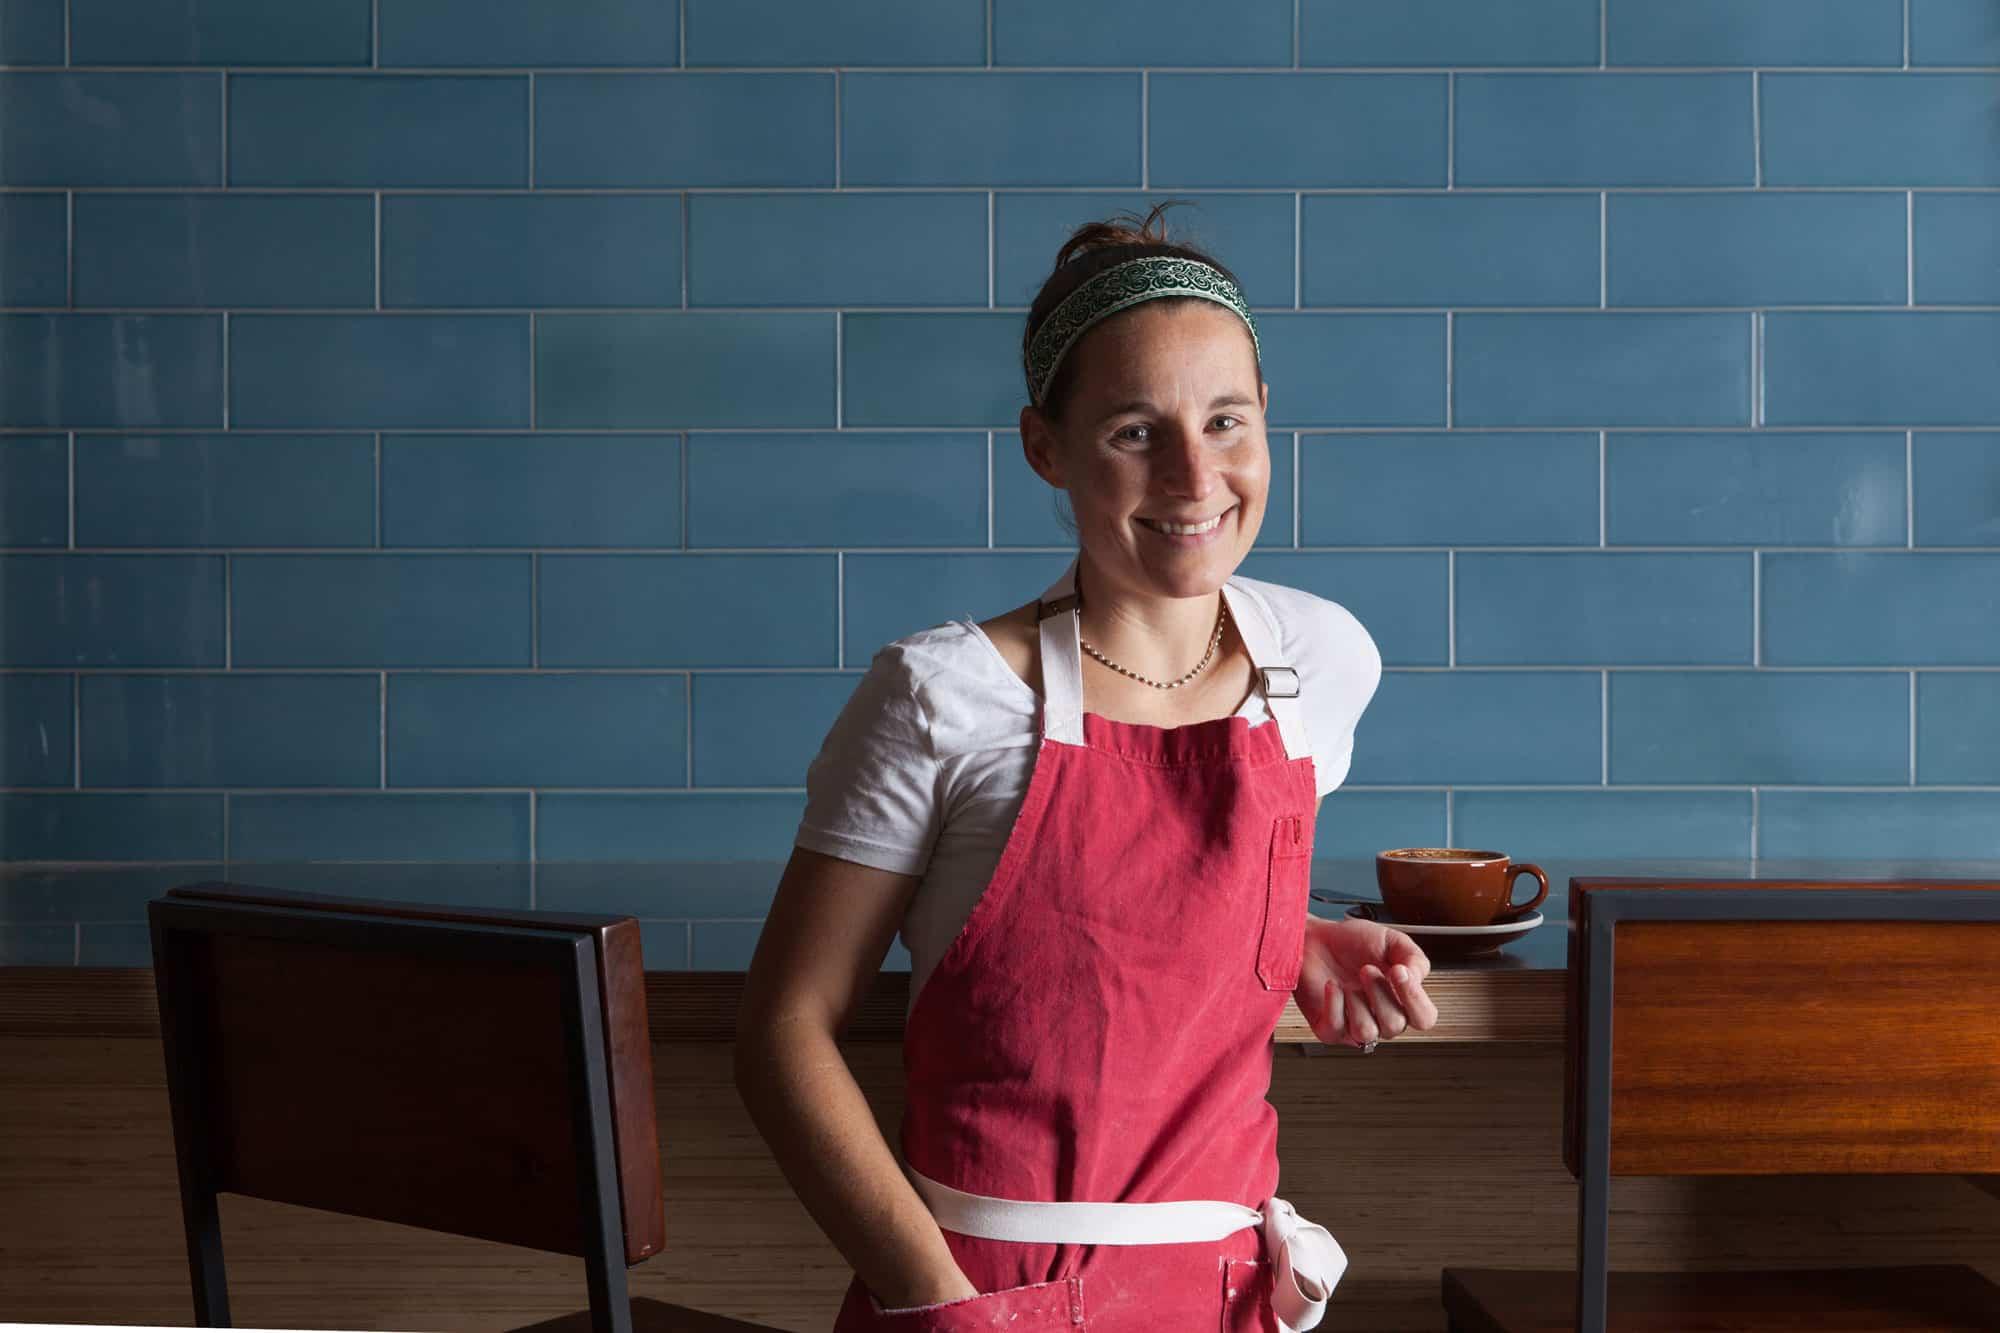 Executive Chef Erin Eastland